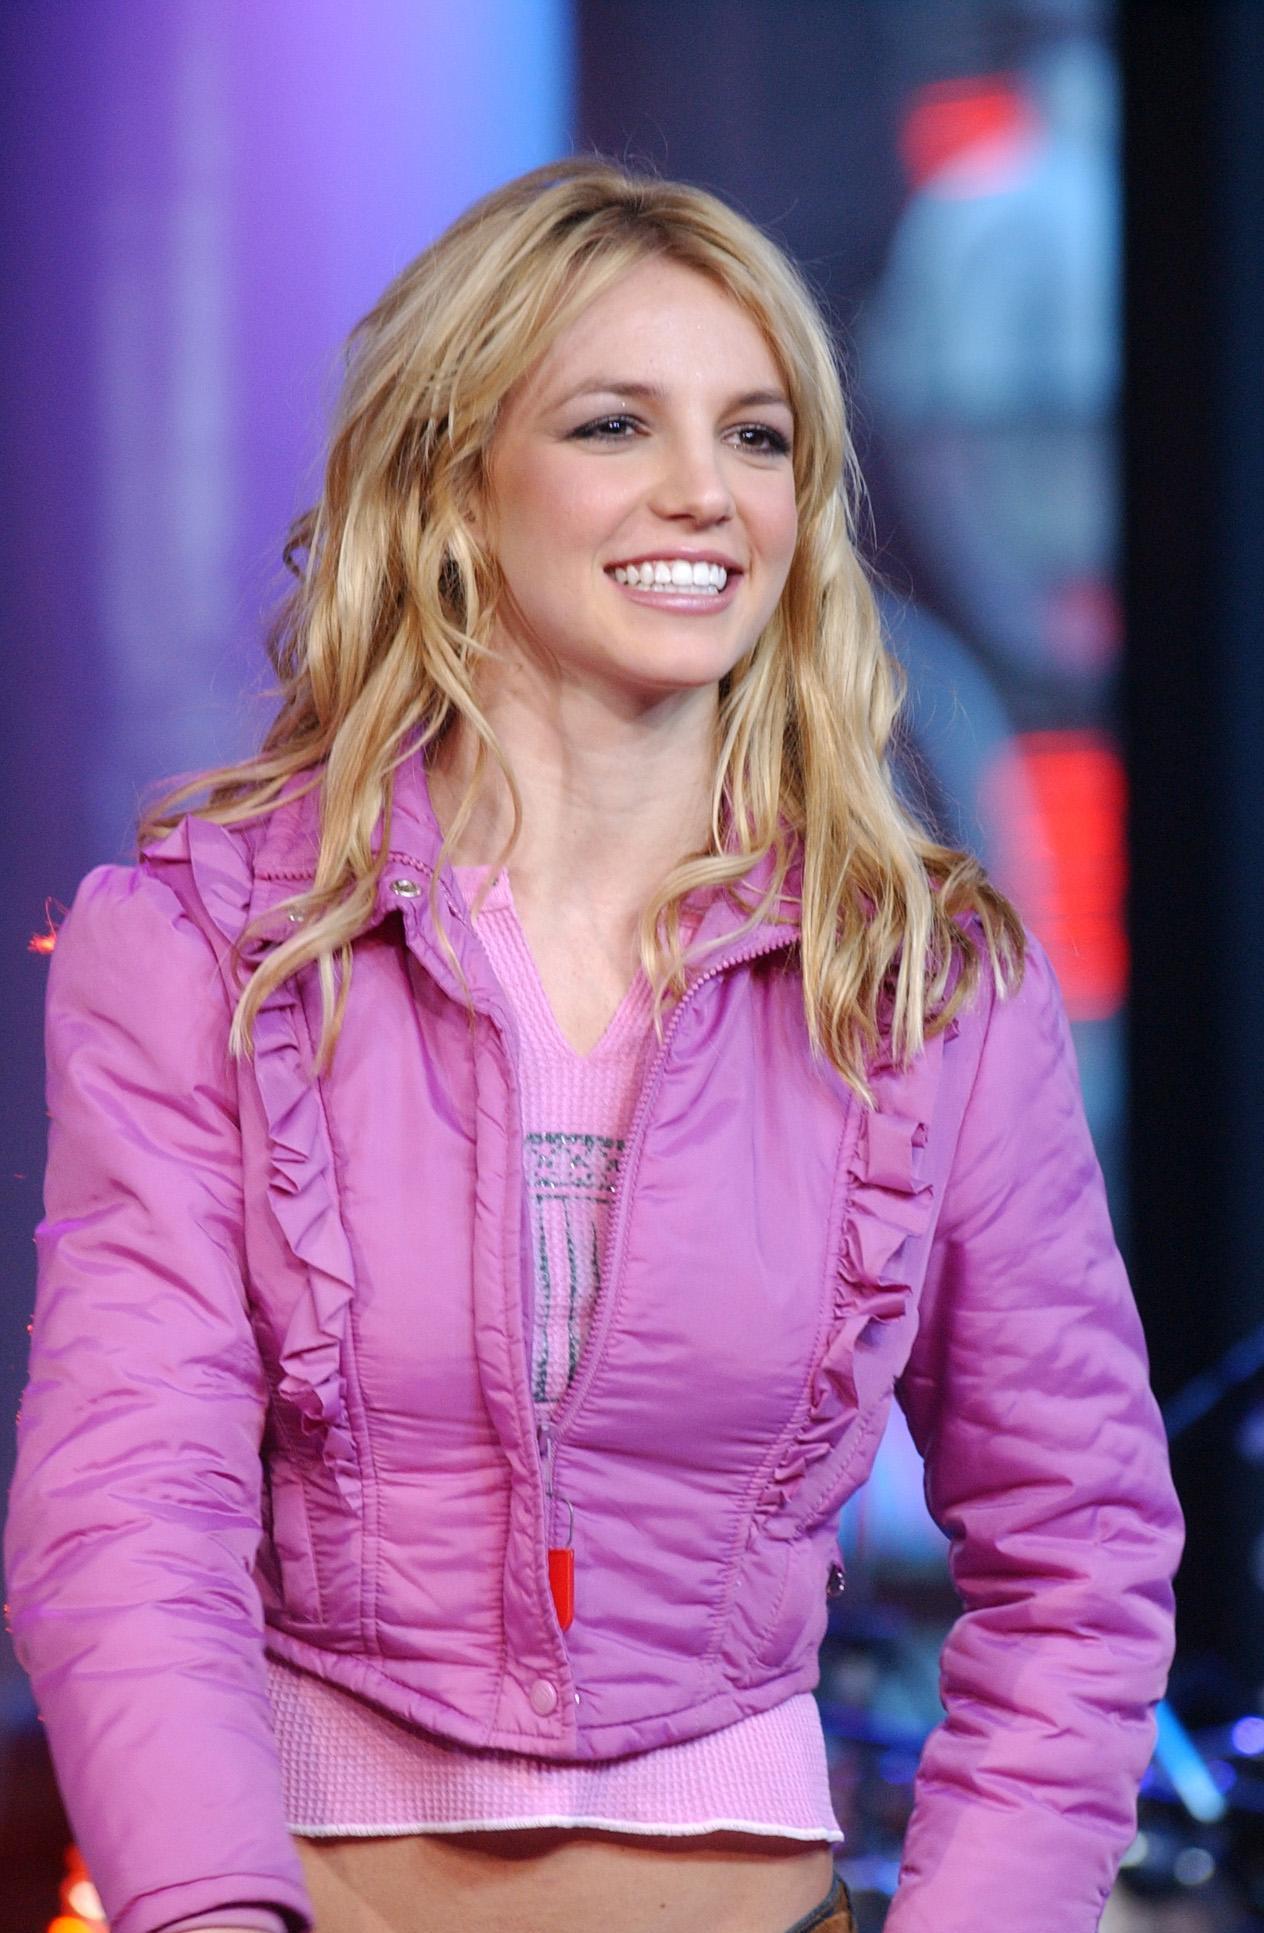 Foto de Britney Spears  número 75735